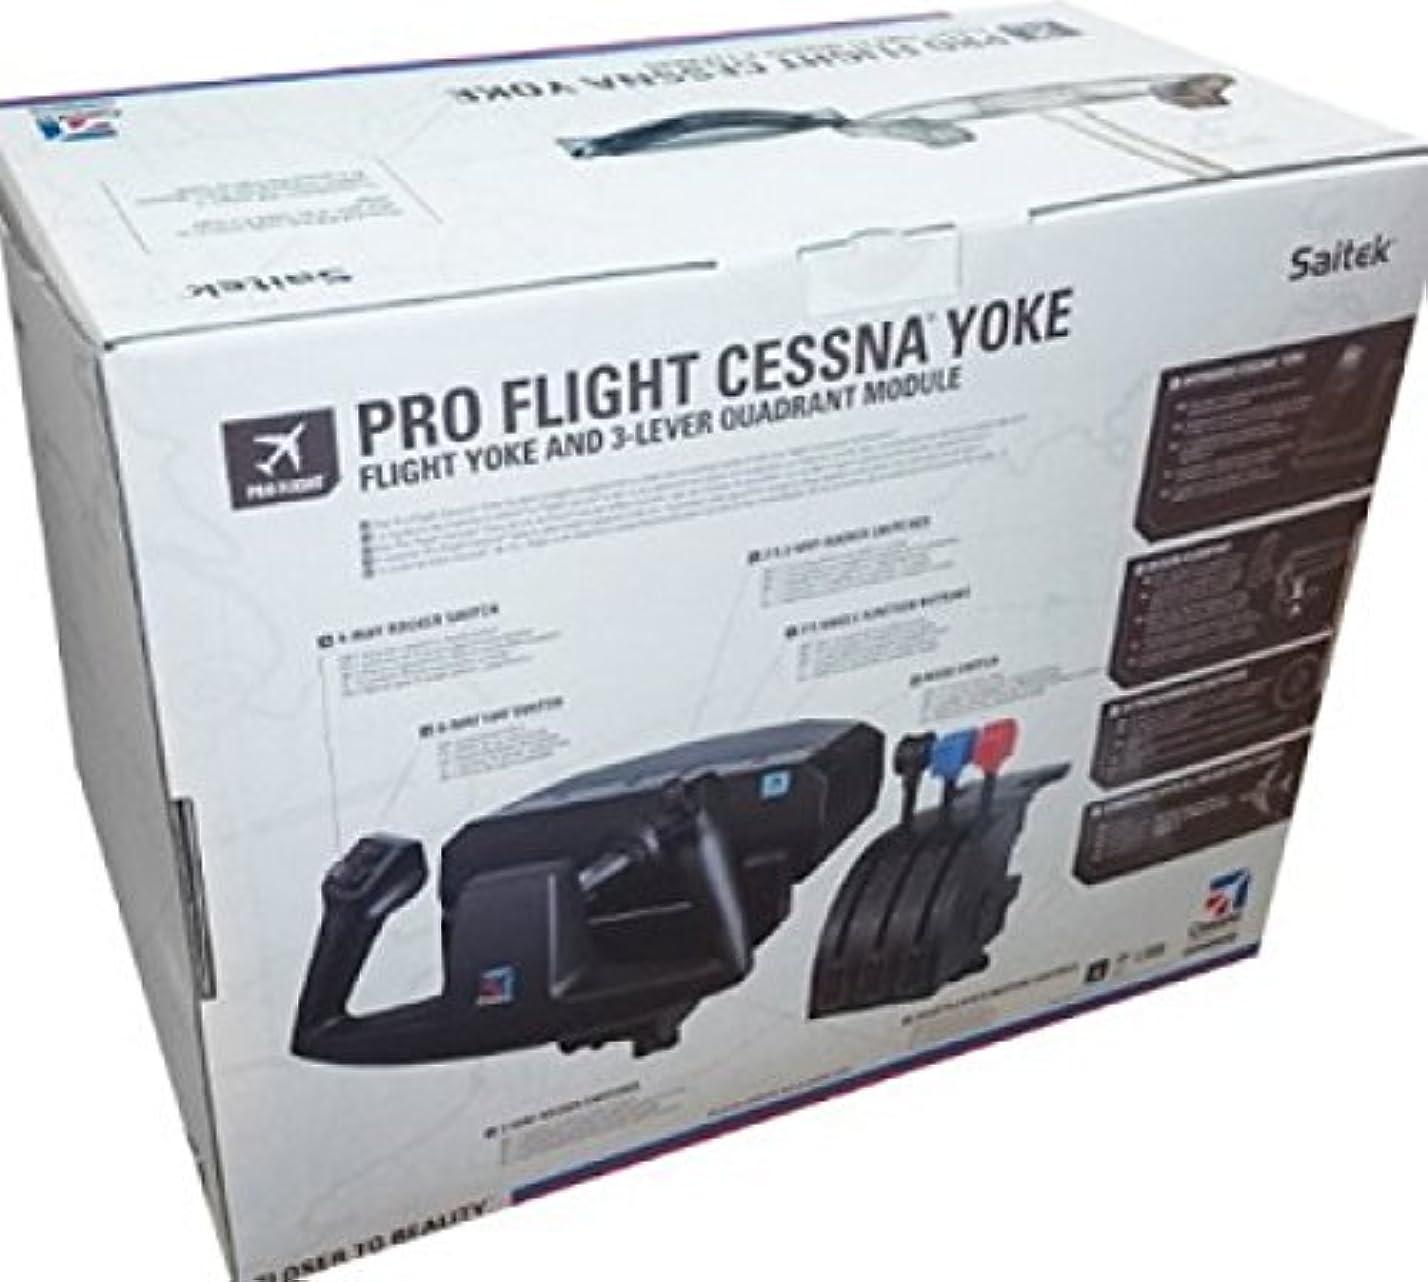 難破船施し含むSaitek CES432100002/02/1 Pro Flight Cessna Yoke System [並行輸入品]